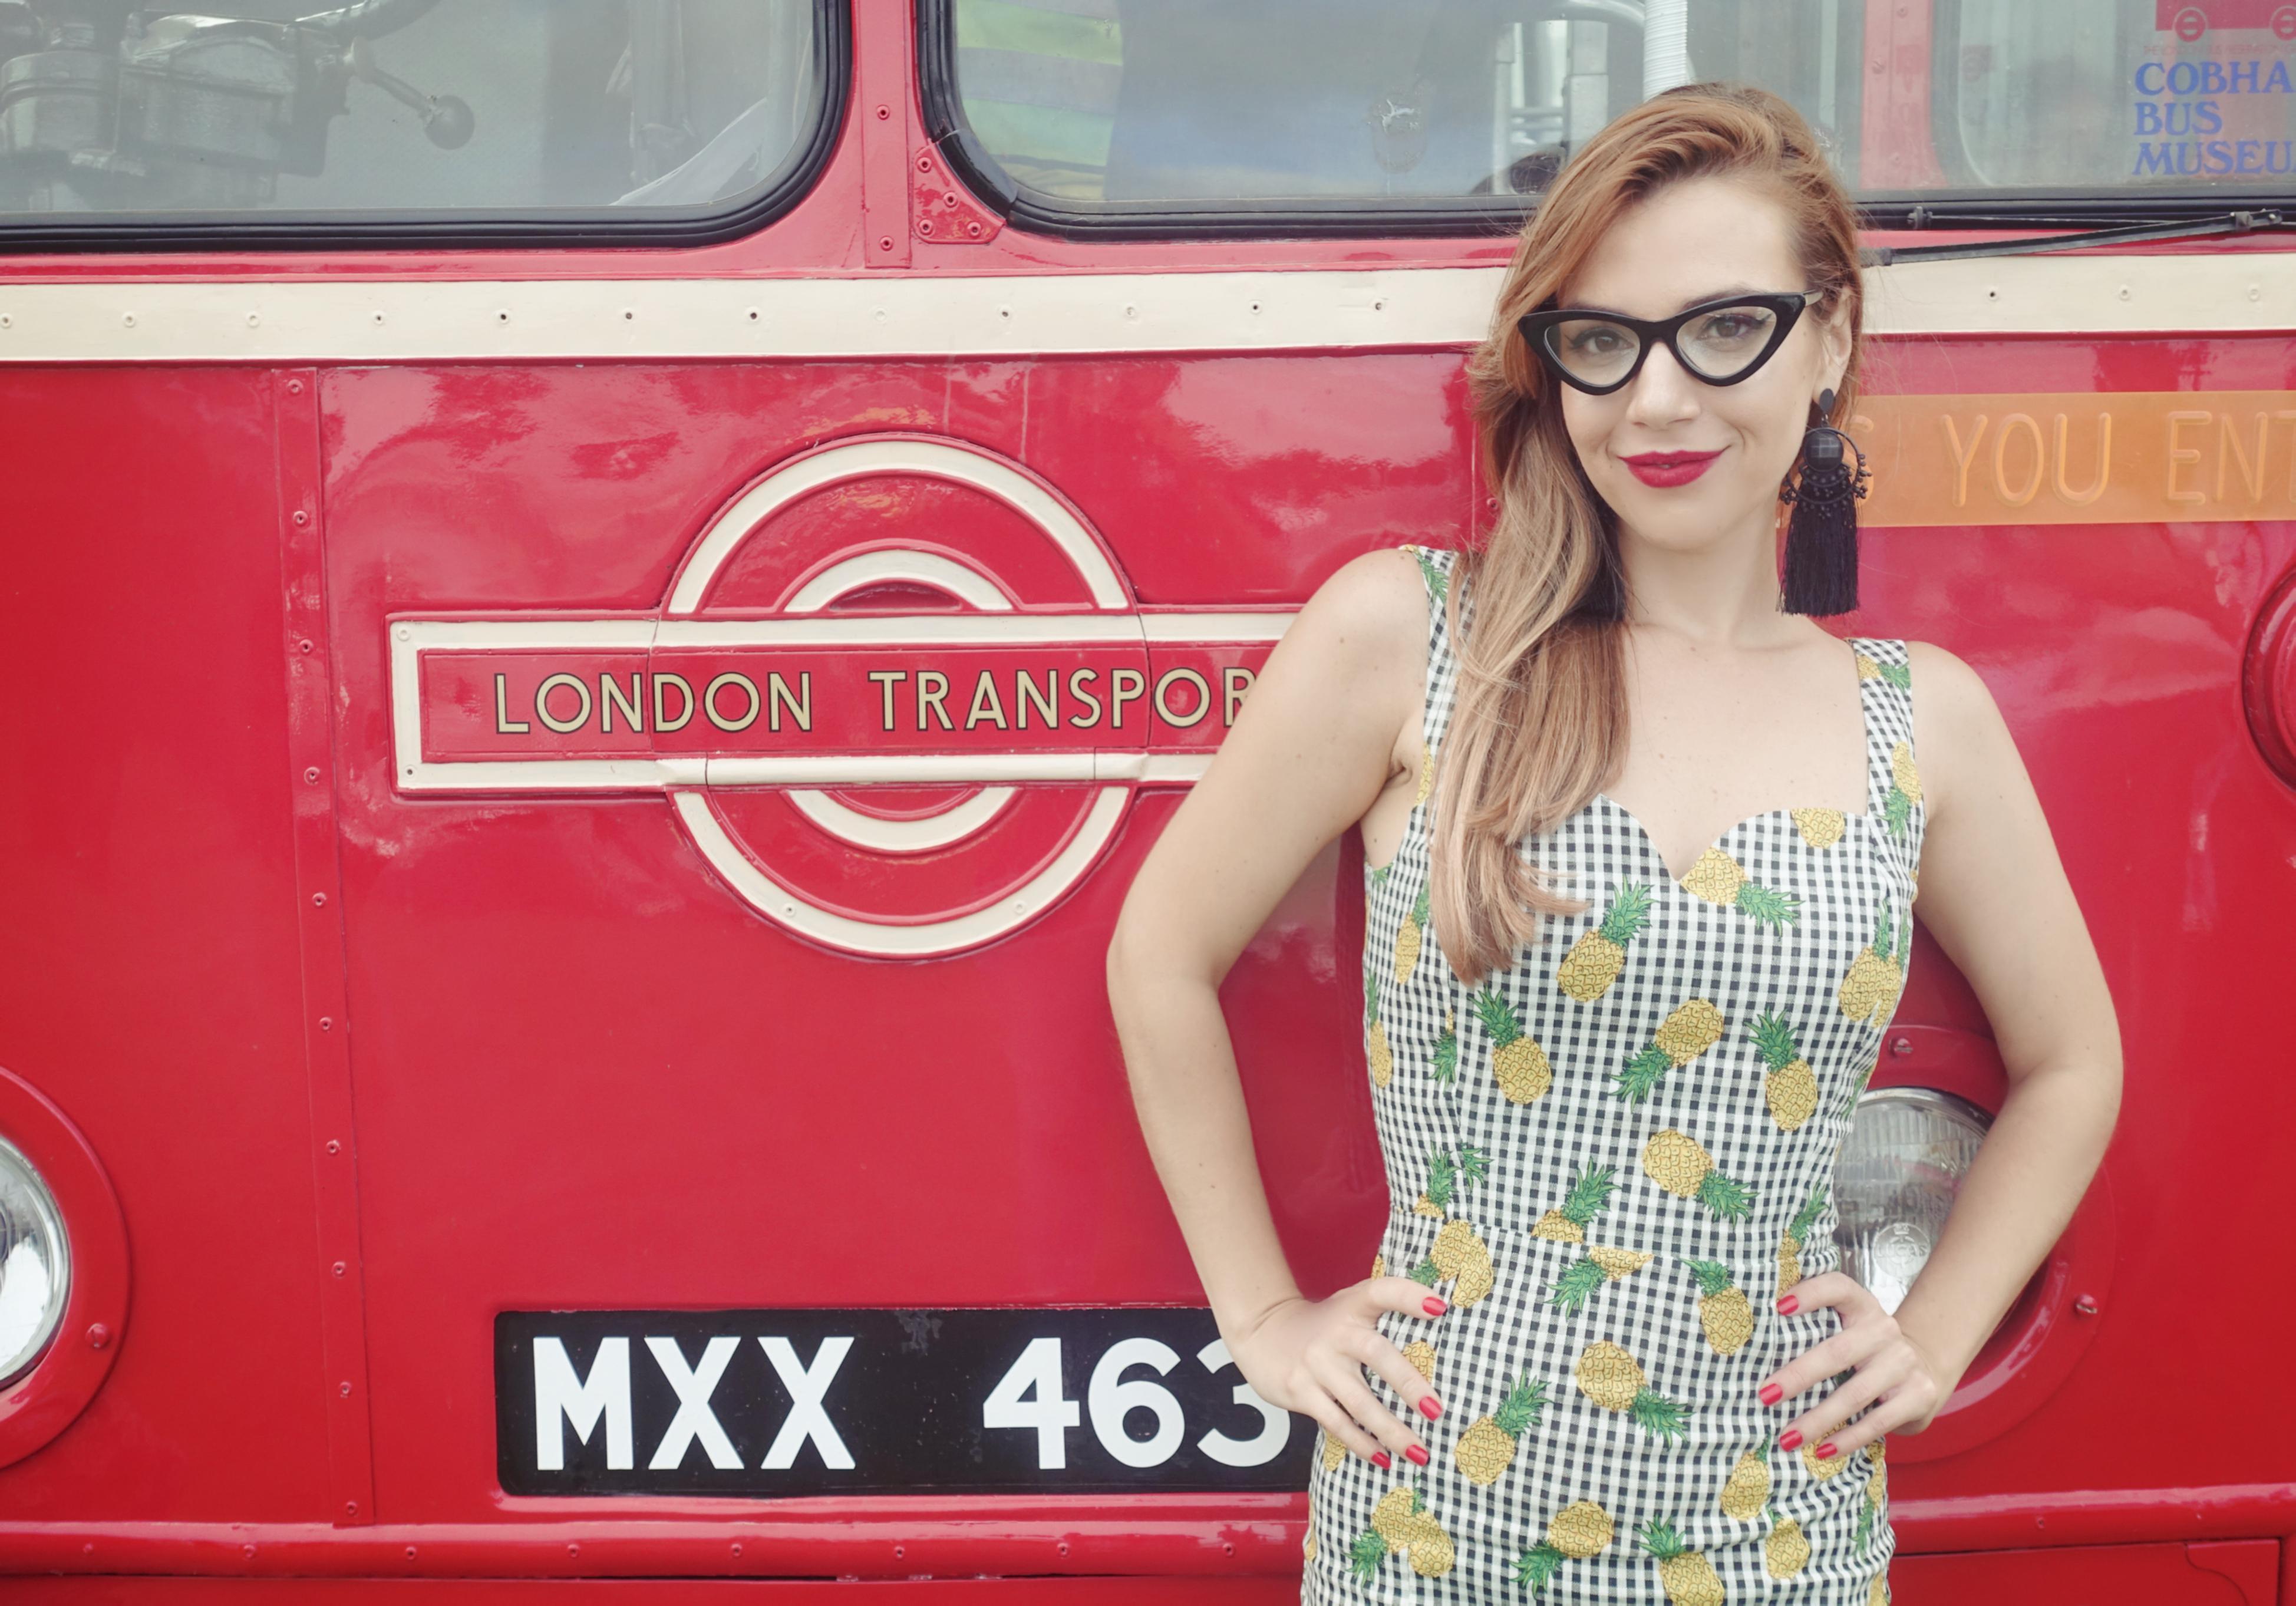 collectif-london-to-brighton-Chicadicta-blog-de-moda-influencer-Piensa-en-Chic-look-retro-gafas-vintage-estampado-de-pinas-Chic-adicta-Piensaenchic